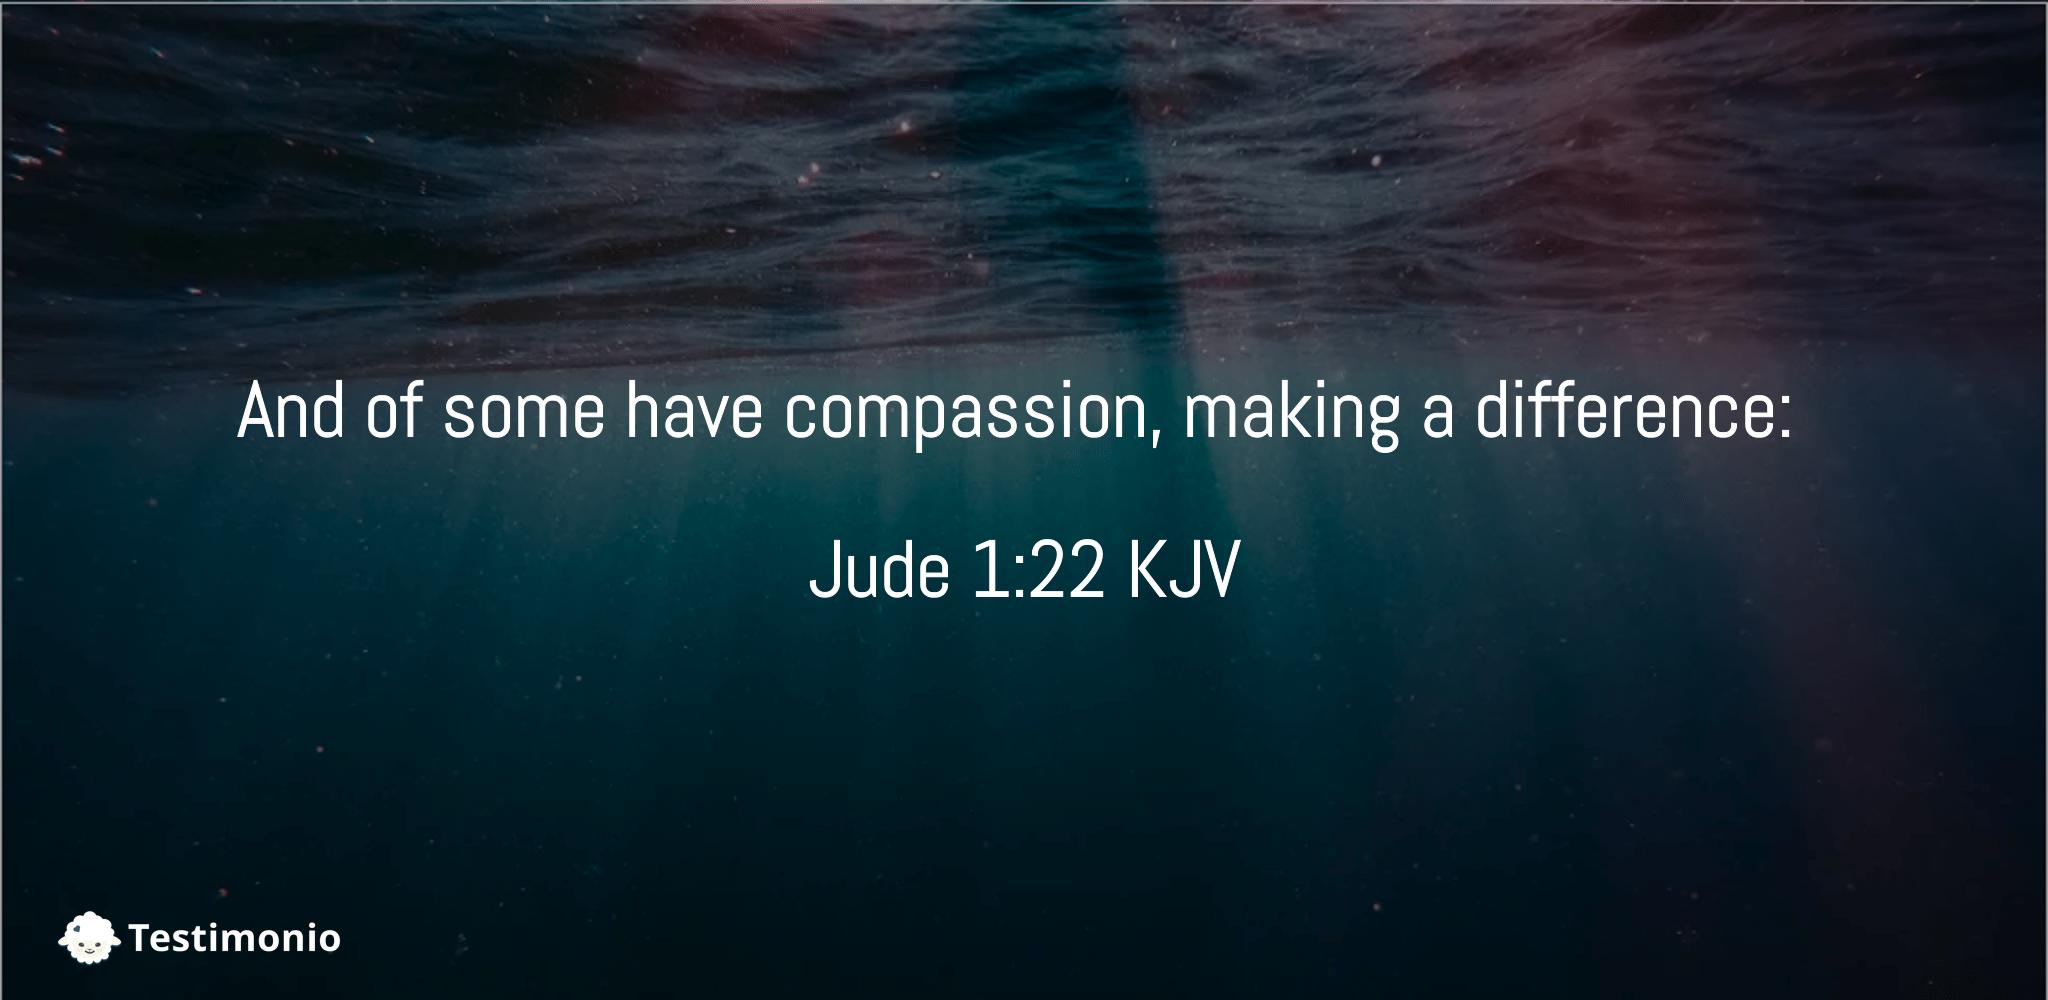 Jude 1:22